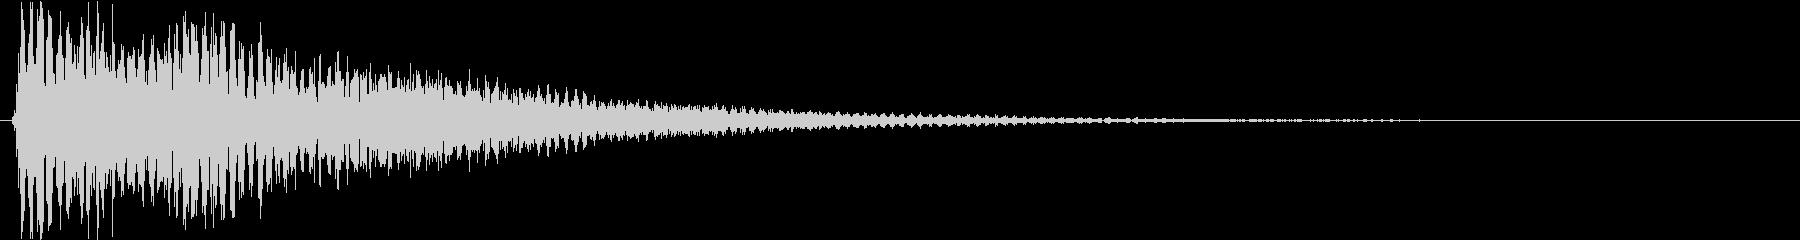 ズゥーン(ホラー系、SE、低い)の未再生の波形